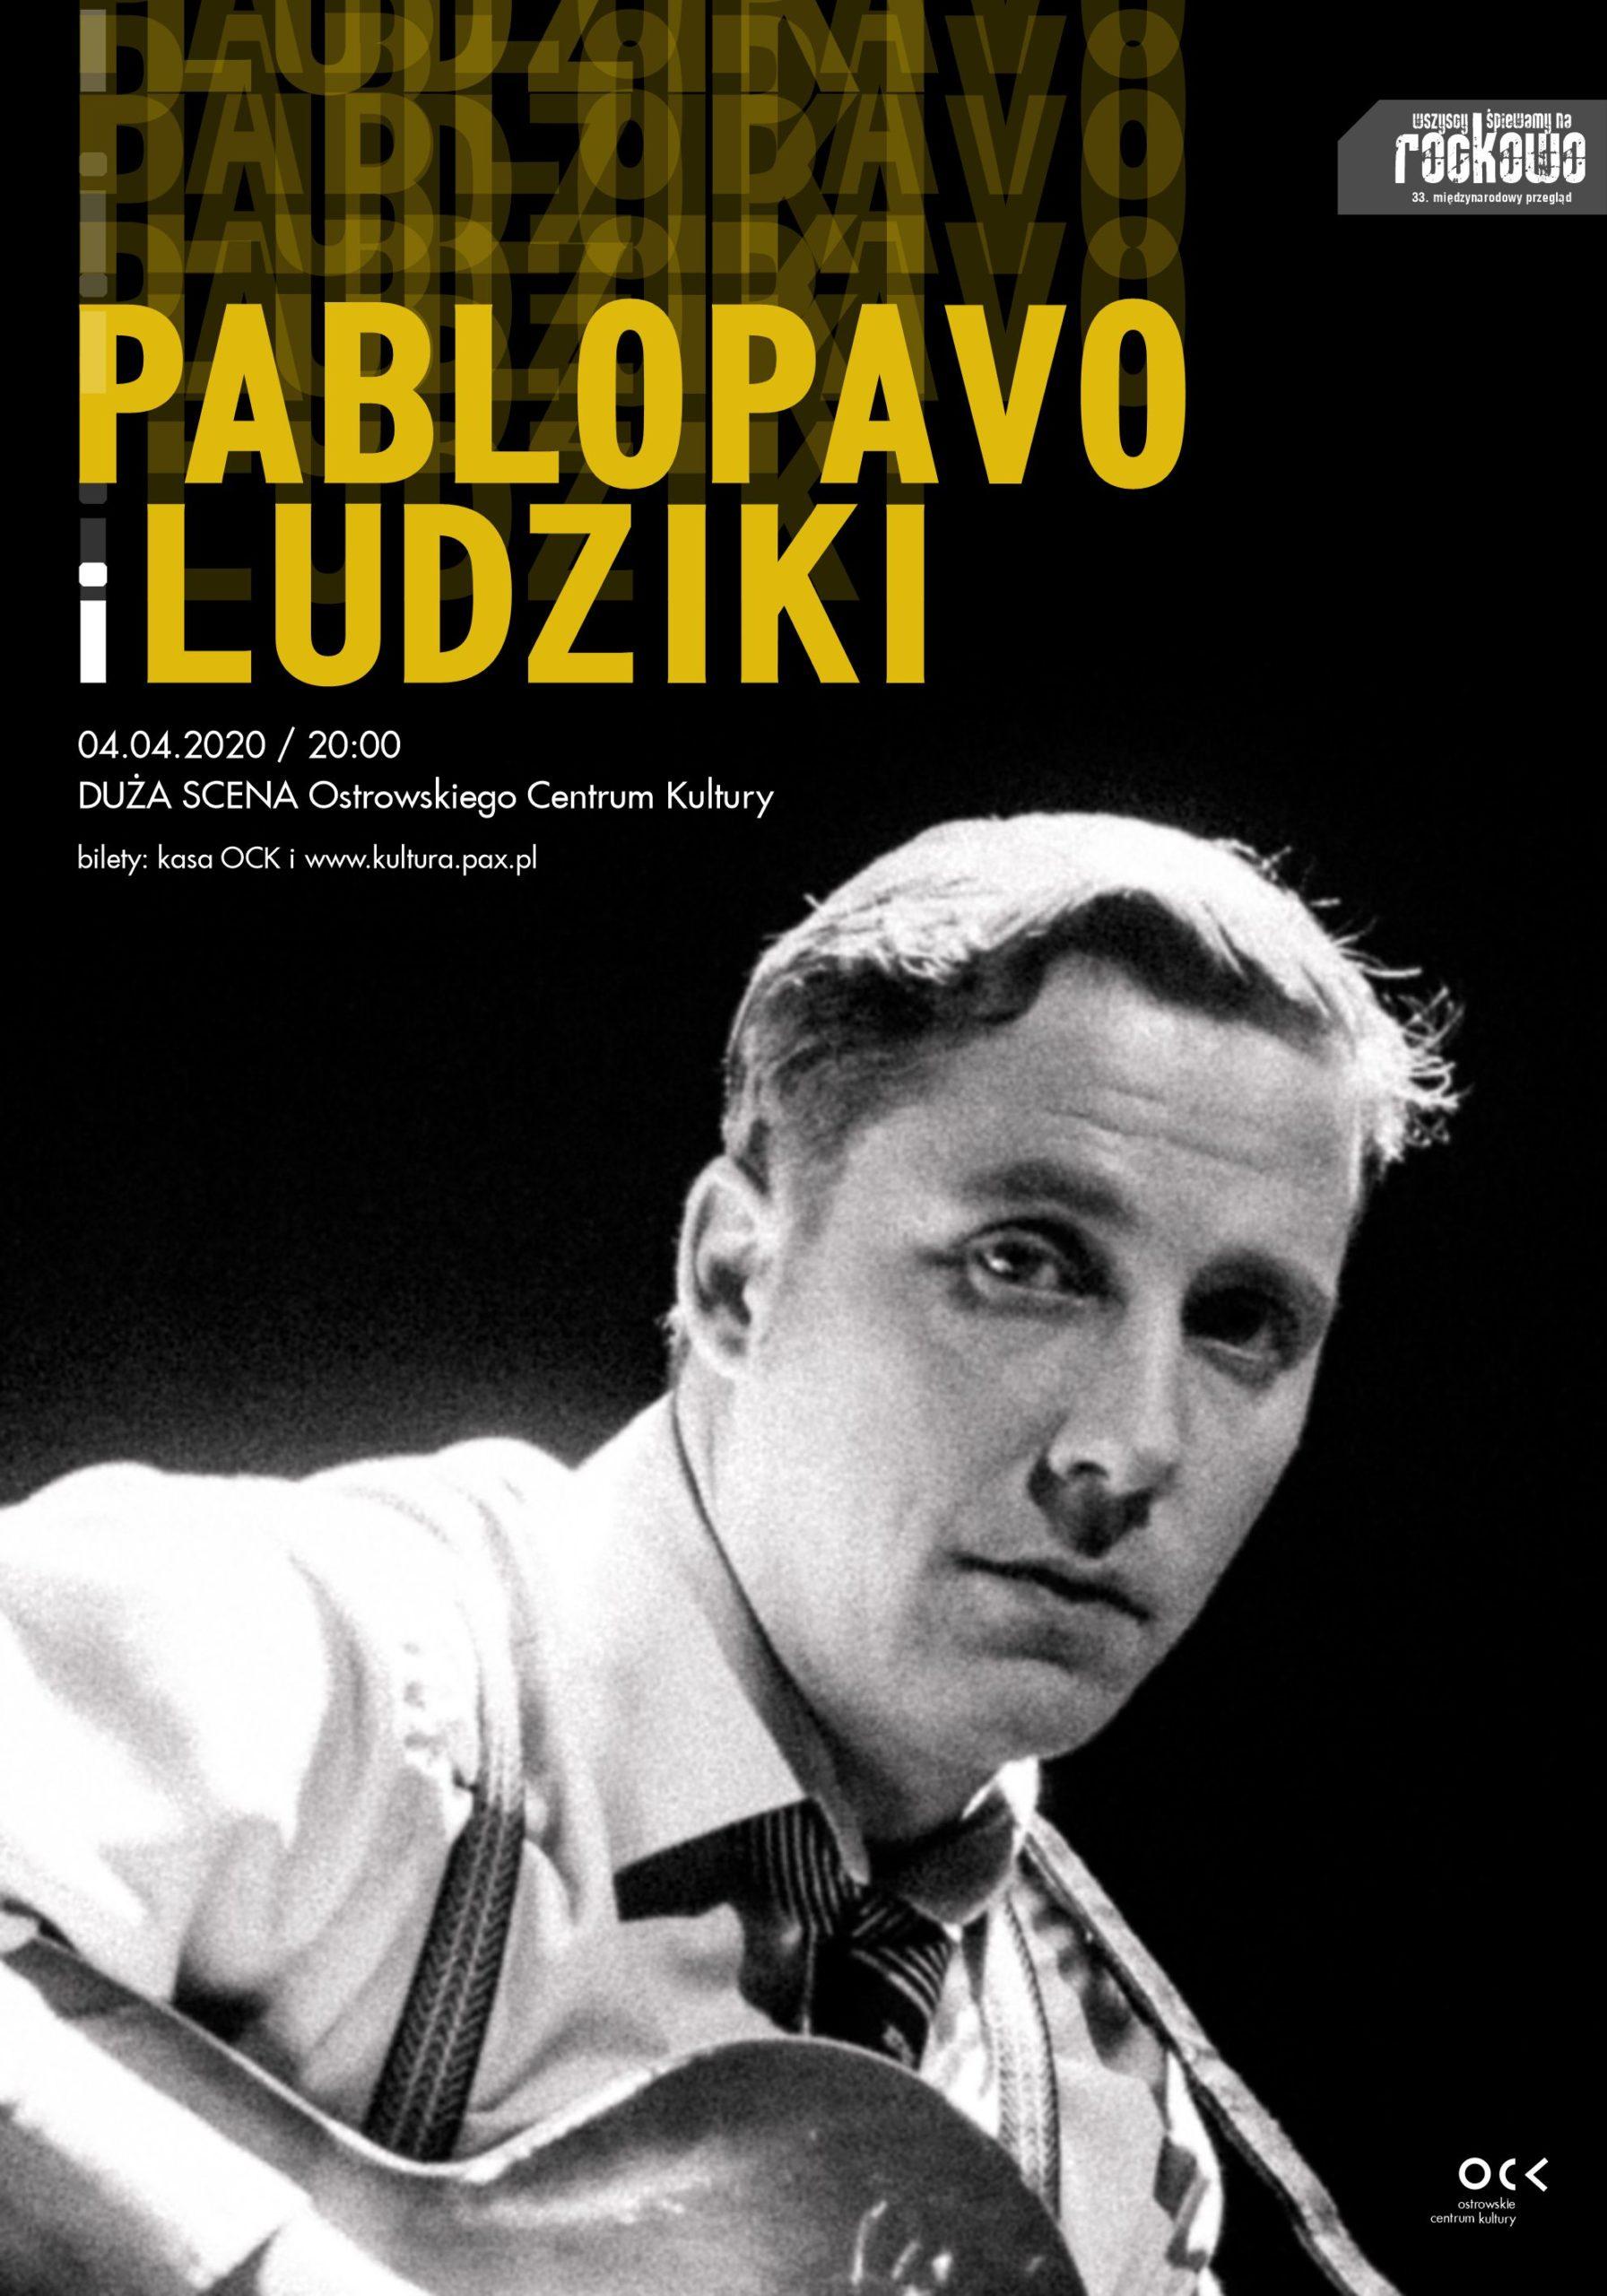 33. WŚnR - Pablopavo i Ludziki